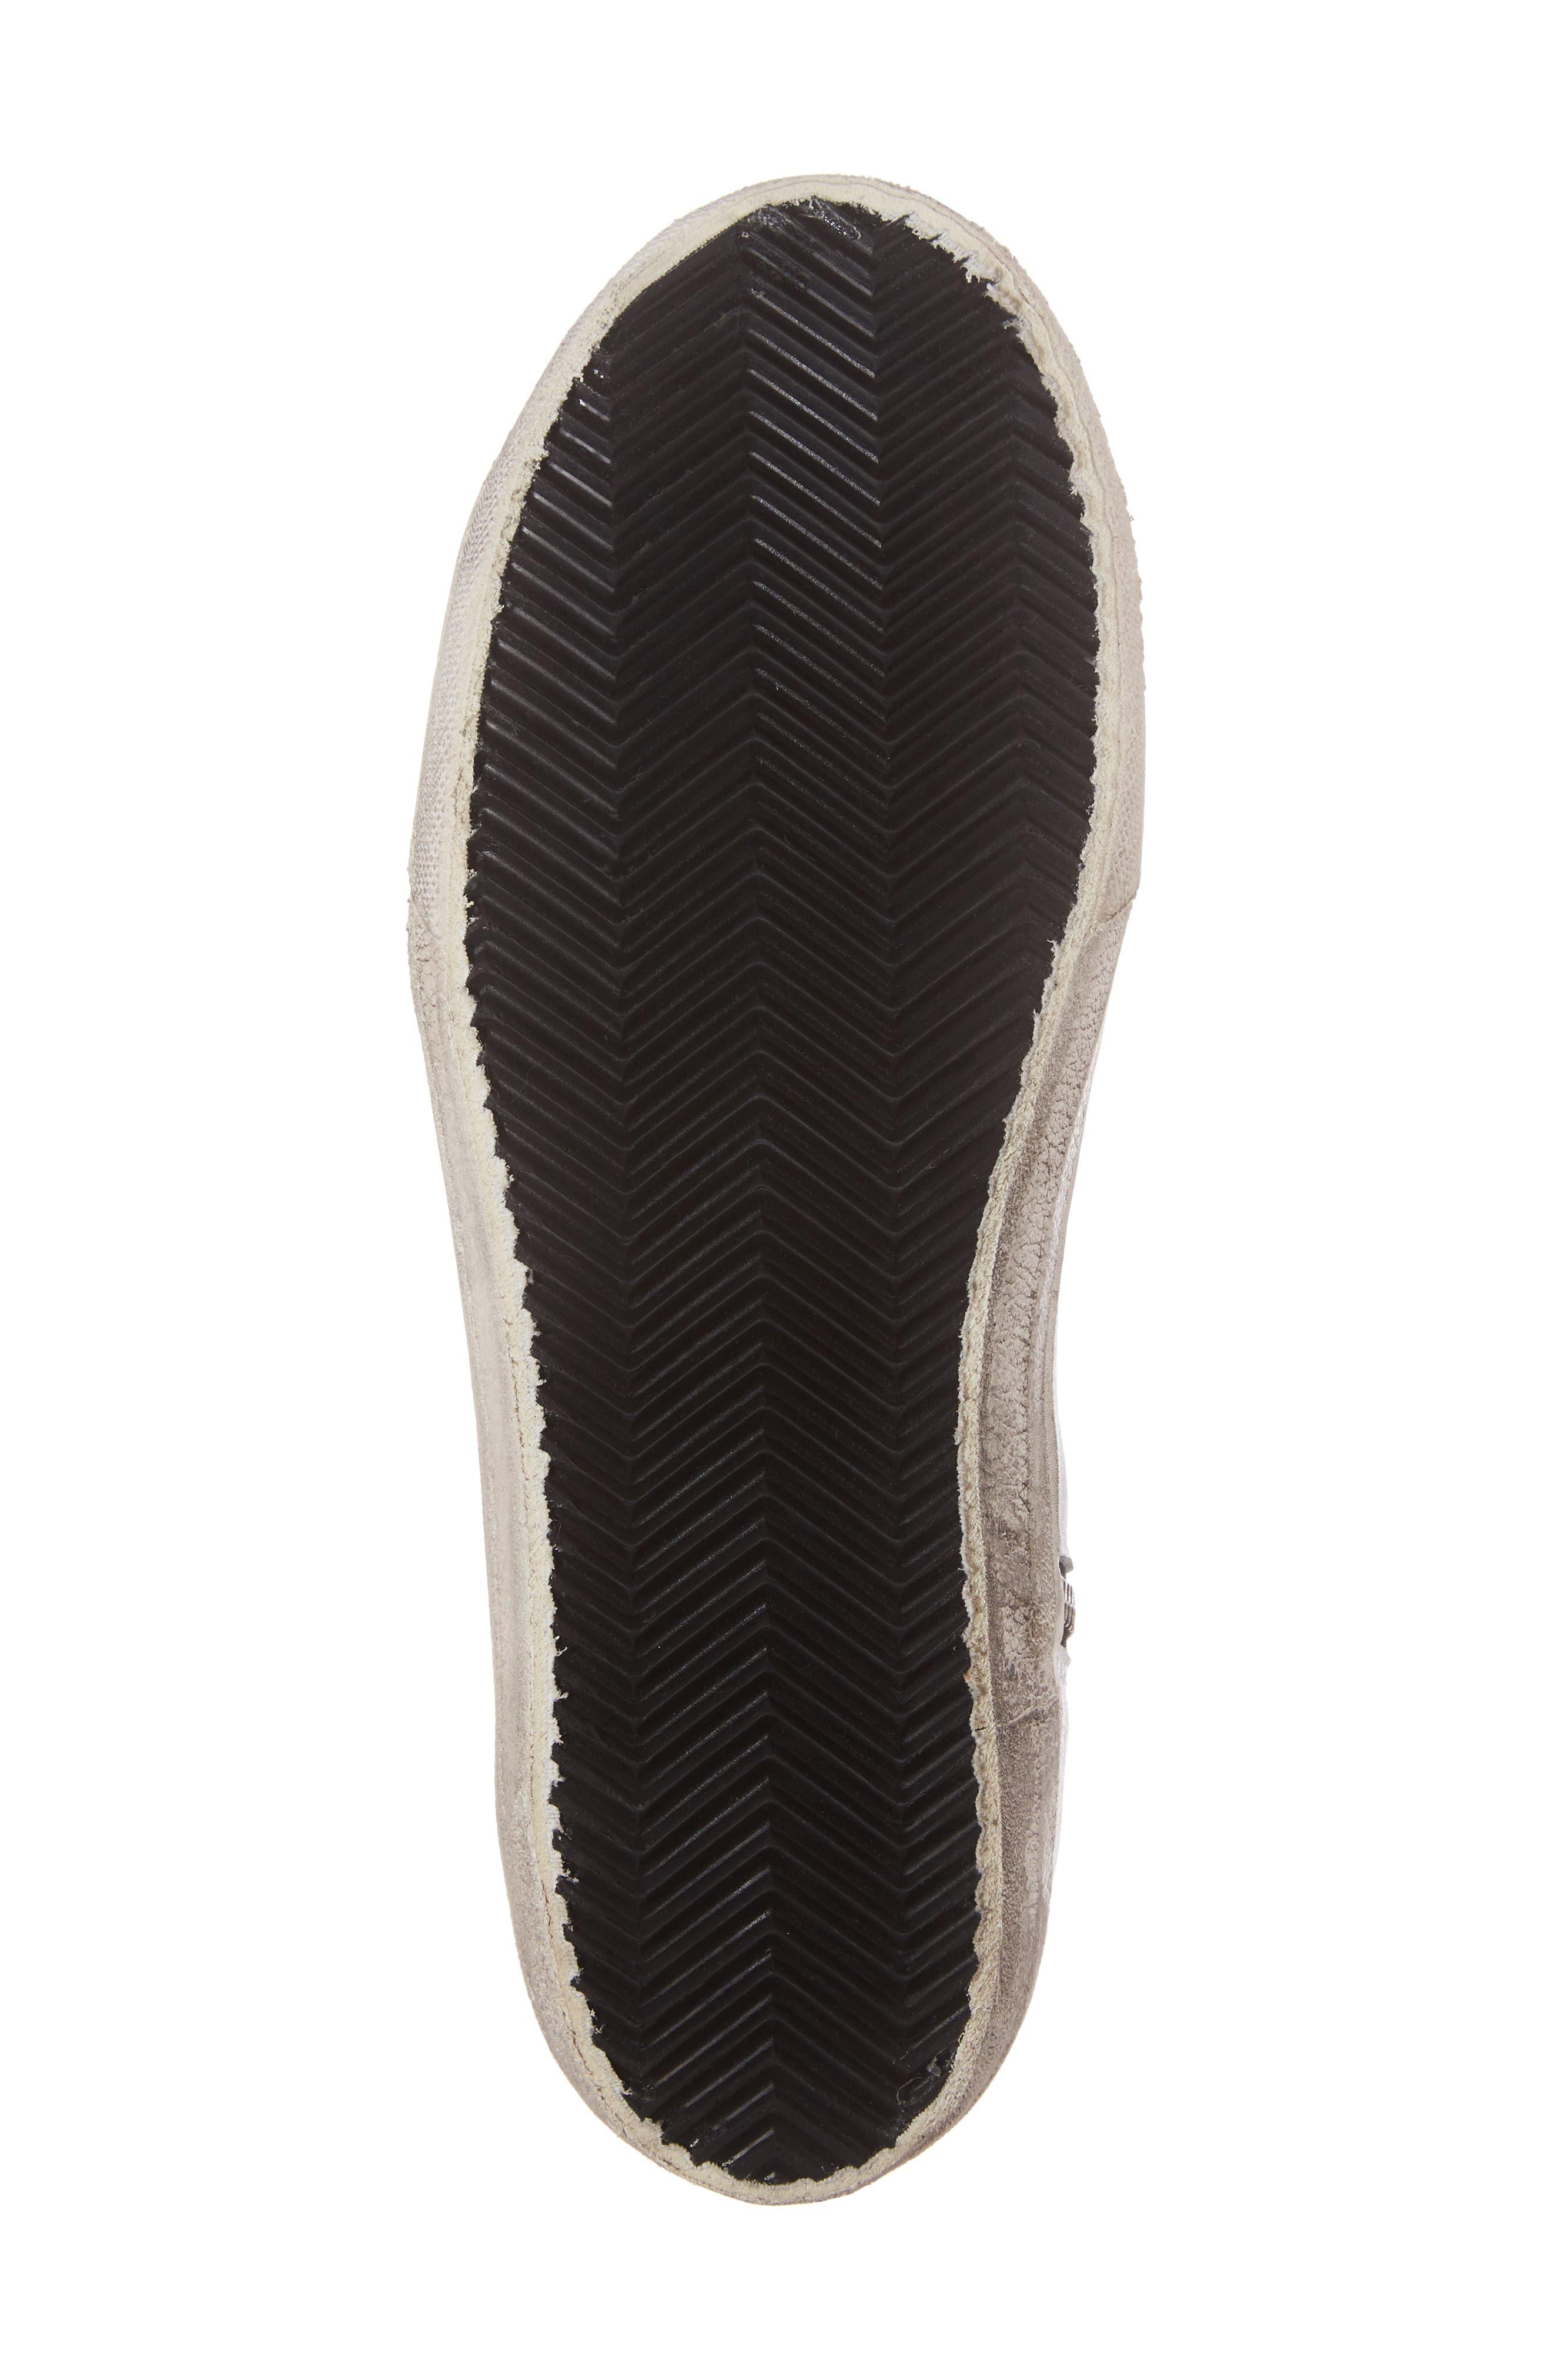 Slide High Top Sneaker,                             Alternate thumbnail 6, color,                             040